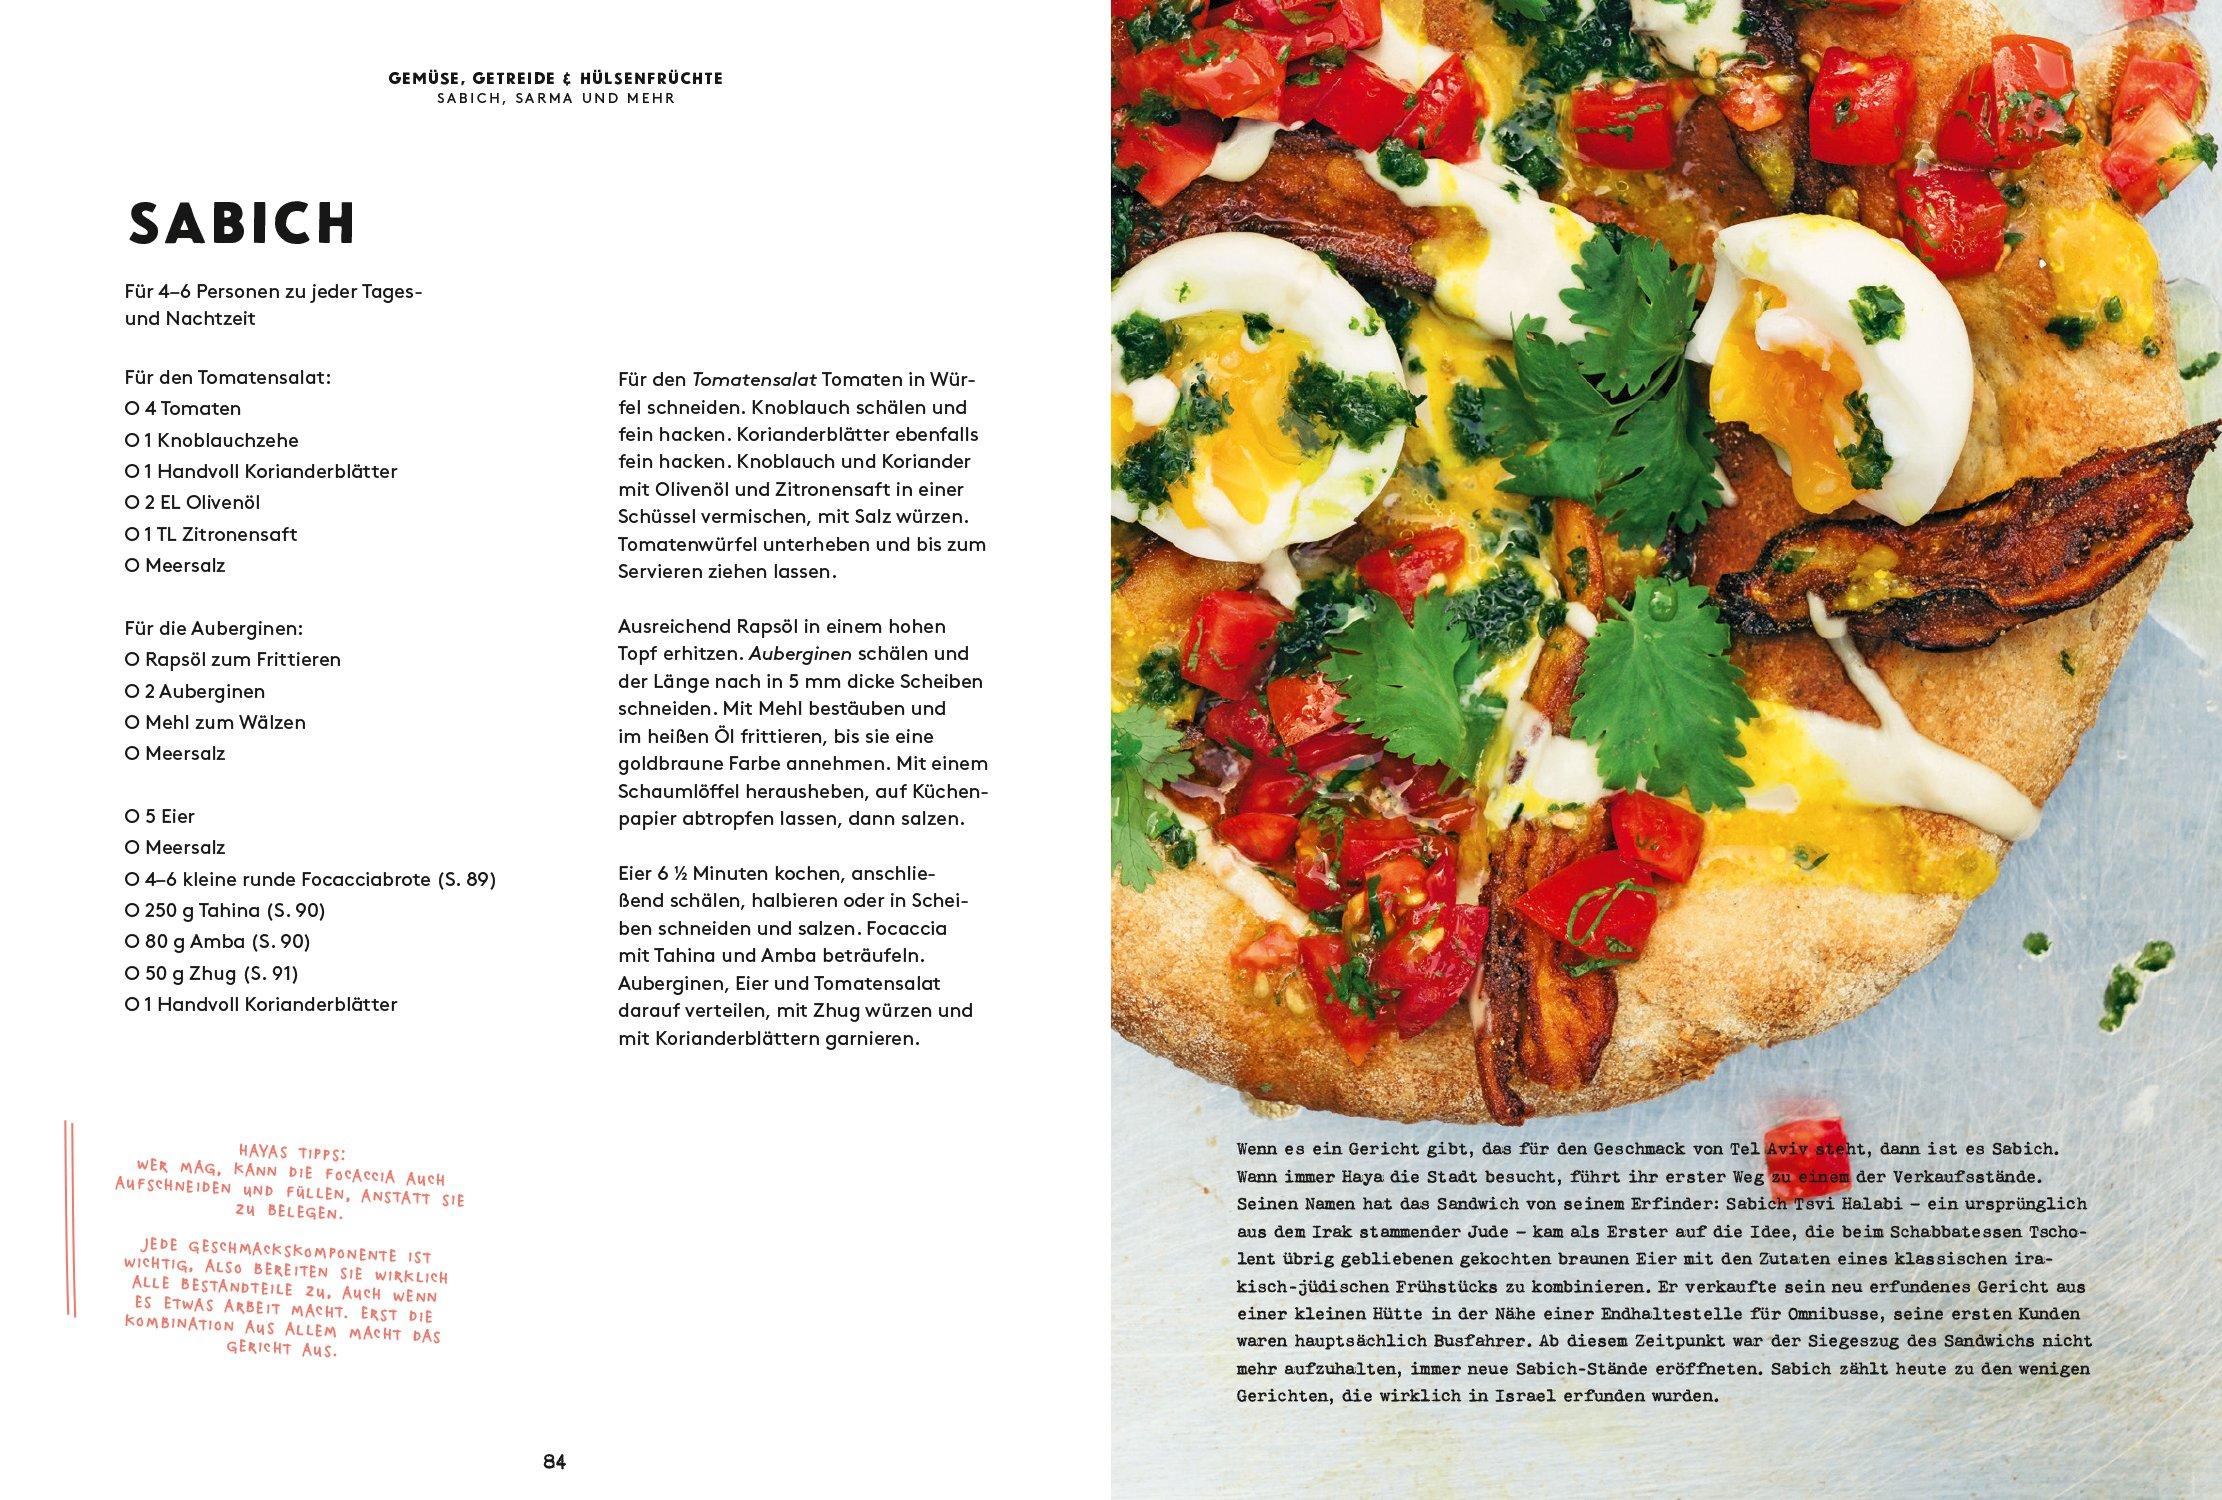 Sabich Kochbuch Tel Aviv Rezept Haya Molcho Schätze aus meiner Küche